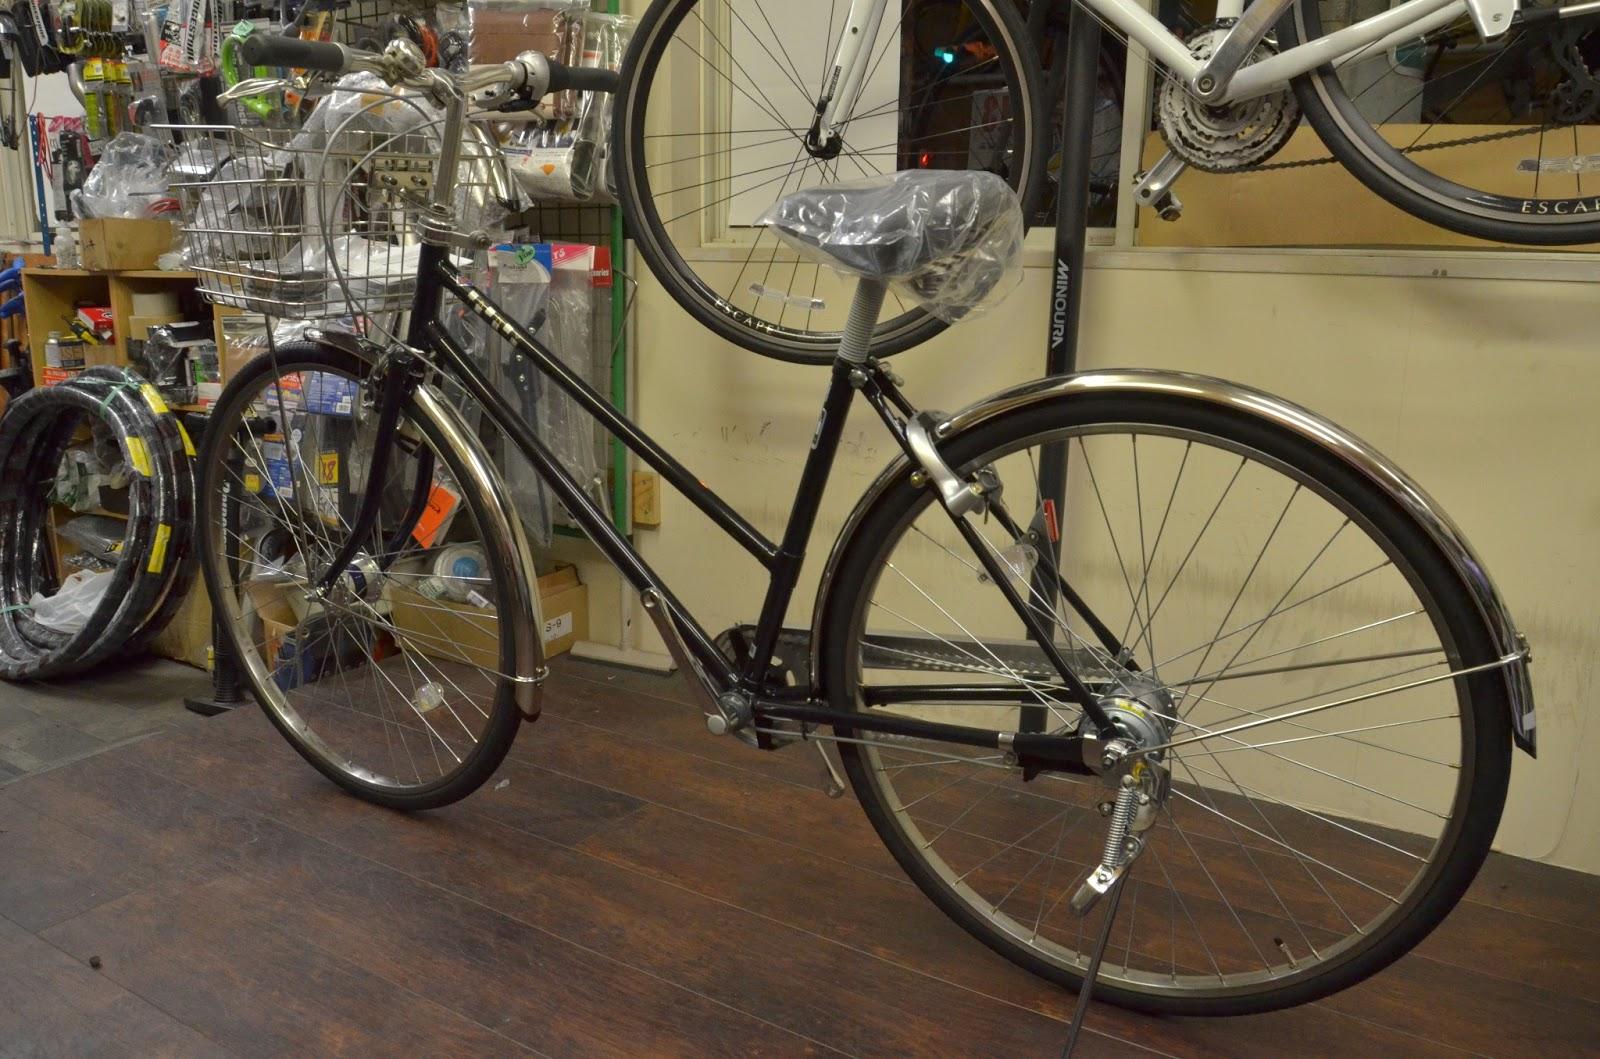 自転車の 自転車 シマノ 変速機 修理 : ... 自転車のTRENDYを入荷しました